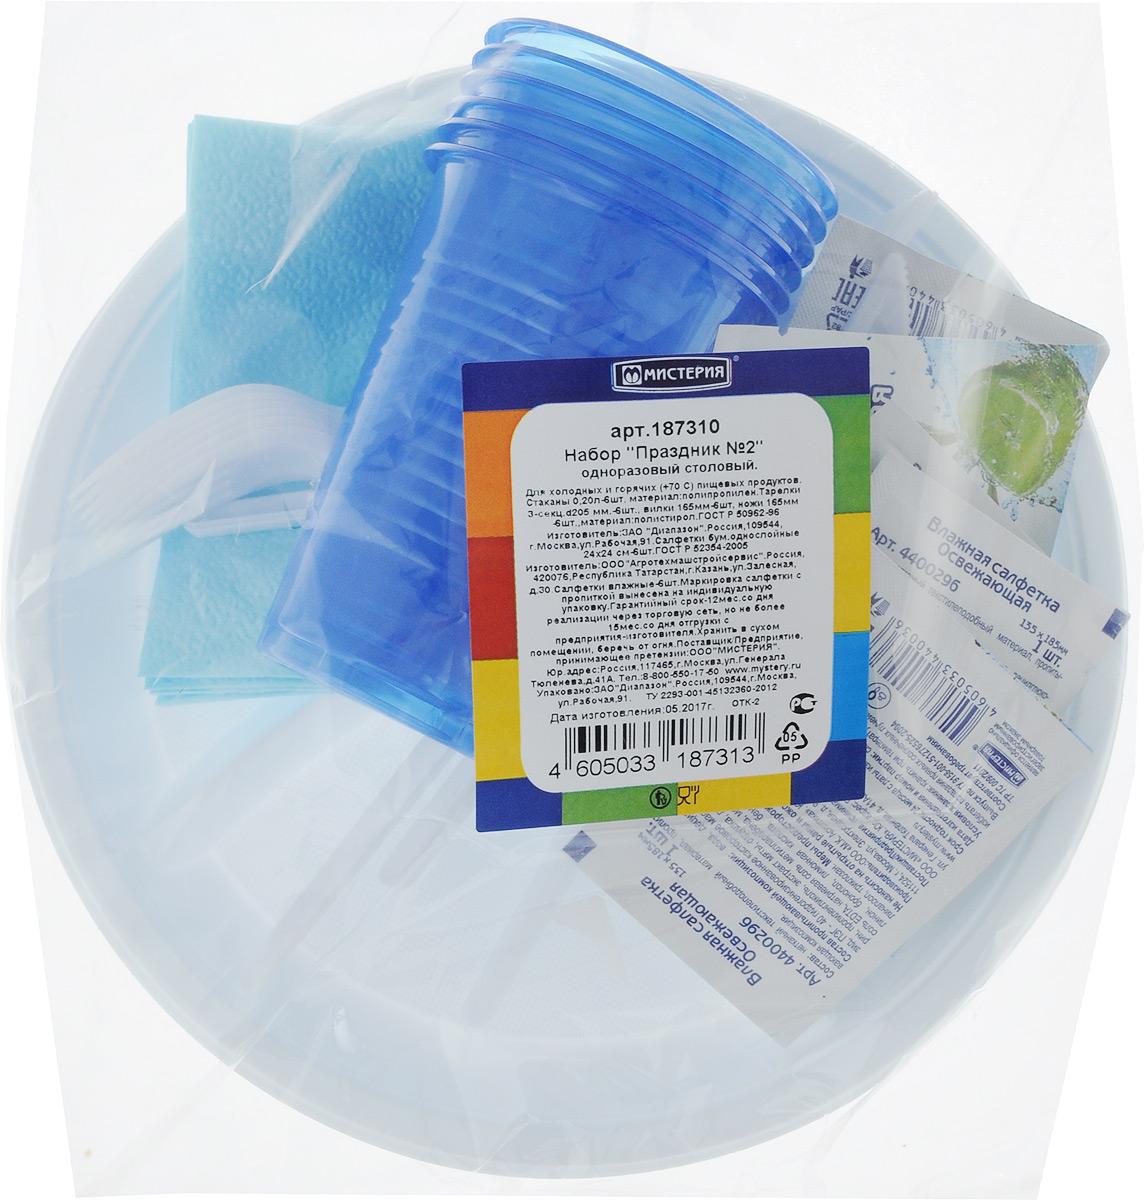 страна карнавалия набор бумажной посуды яркий праздник на 6 персон 856616 Набор одноразовой посуды Мистерия Праздник, 36 предметов